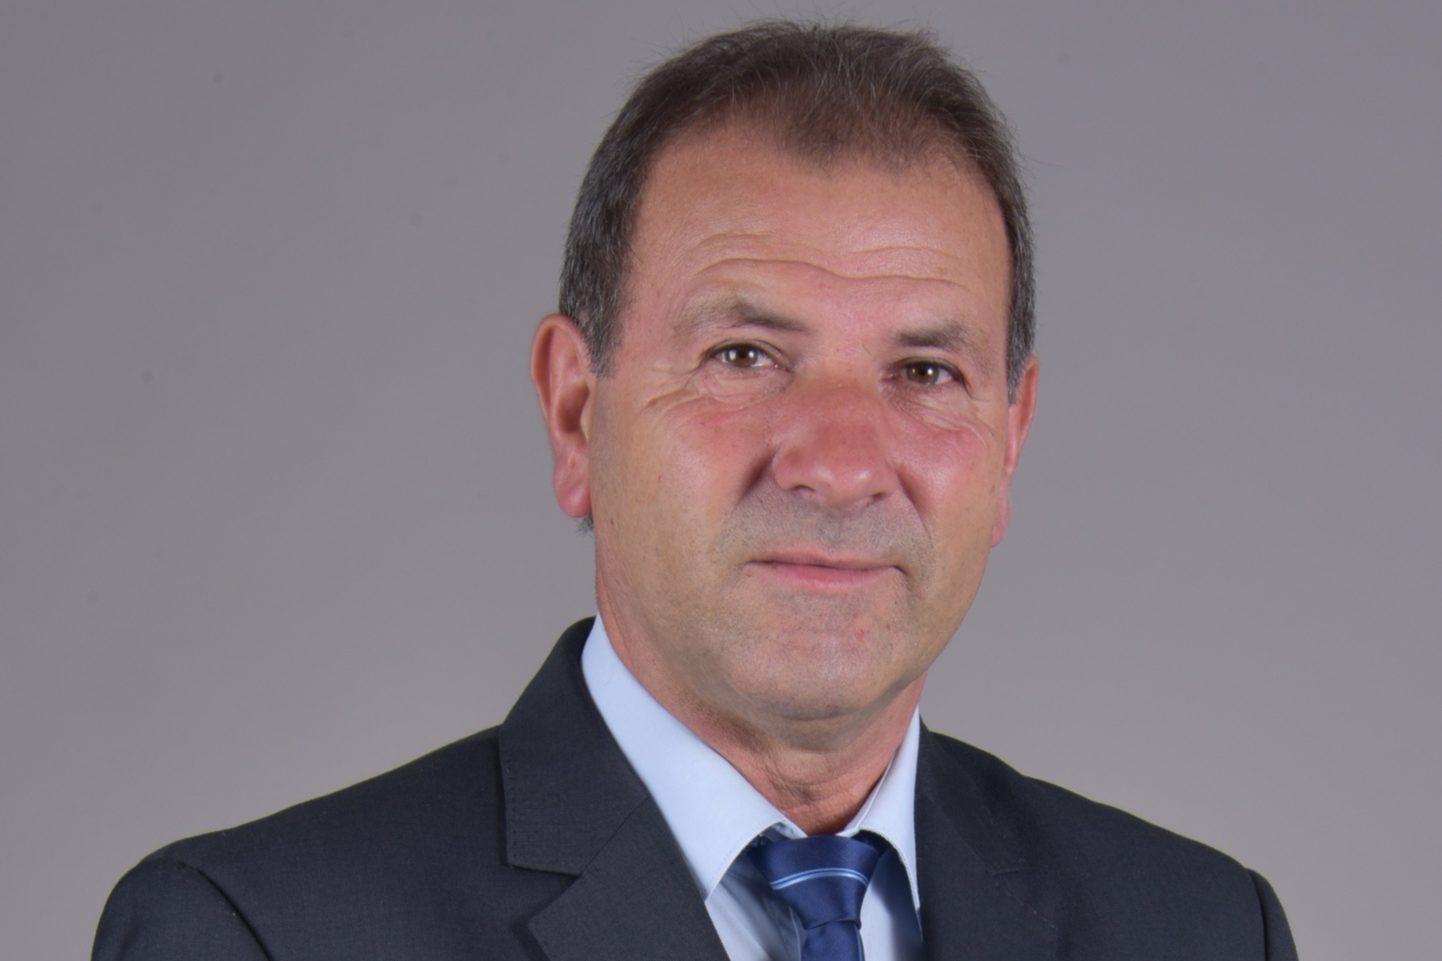 Георги Георгиев: Недопустими са внушенията, които се правят от кандидата за кмет на с. Ясна поляна Михал Грудов